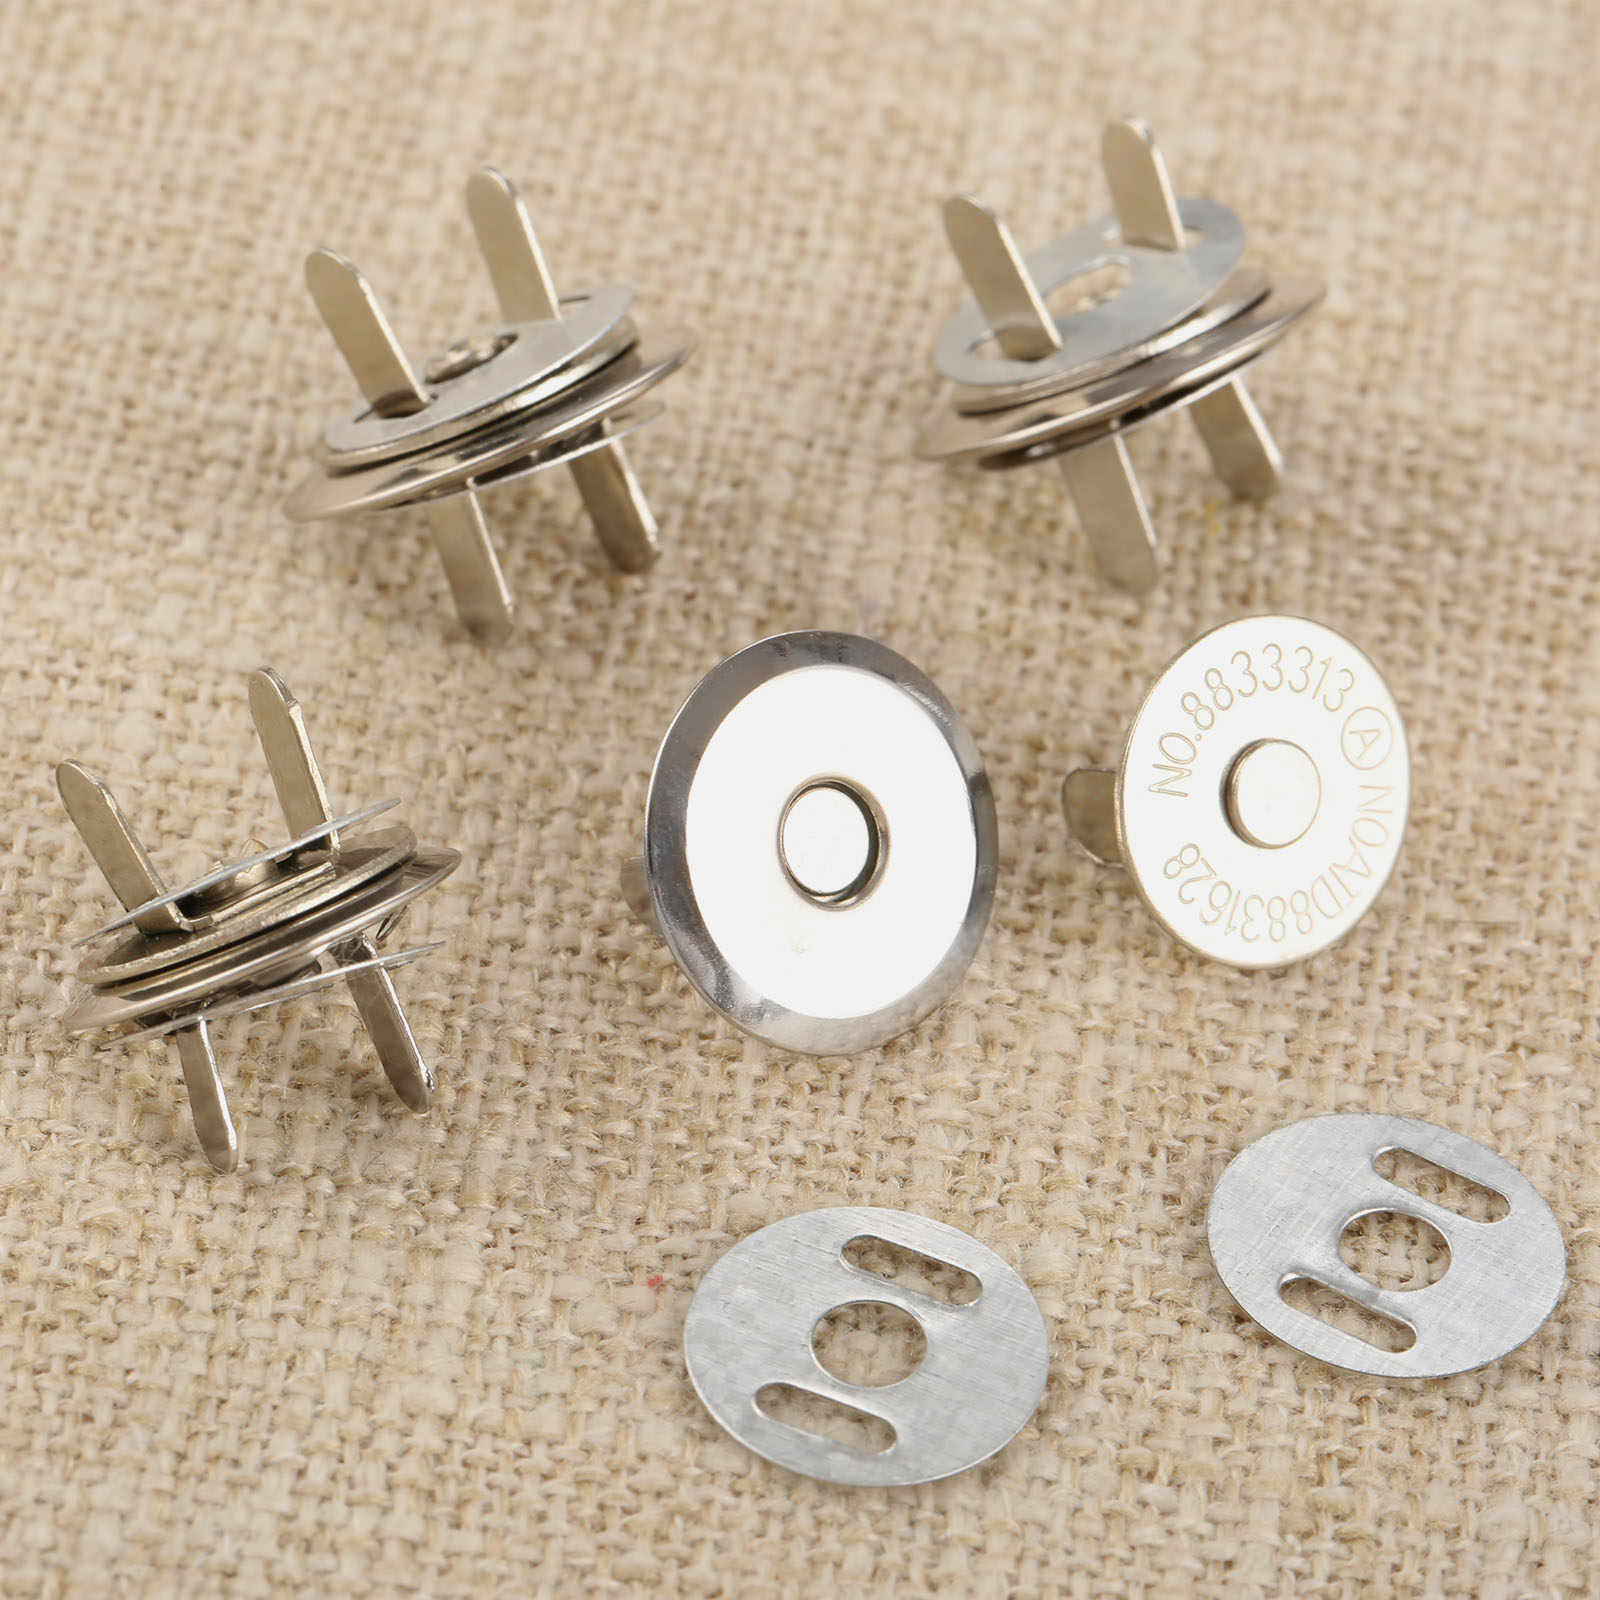 10 Set Metal Magnet Tombol Magnetik Rivet Stud Dompet Snap Gesper Penutupan Gesper Pengikat untuk Tas Tangan Dompet Pakaian 16/ 18 Mm